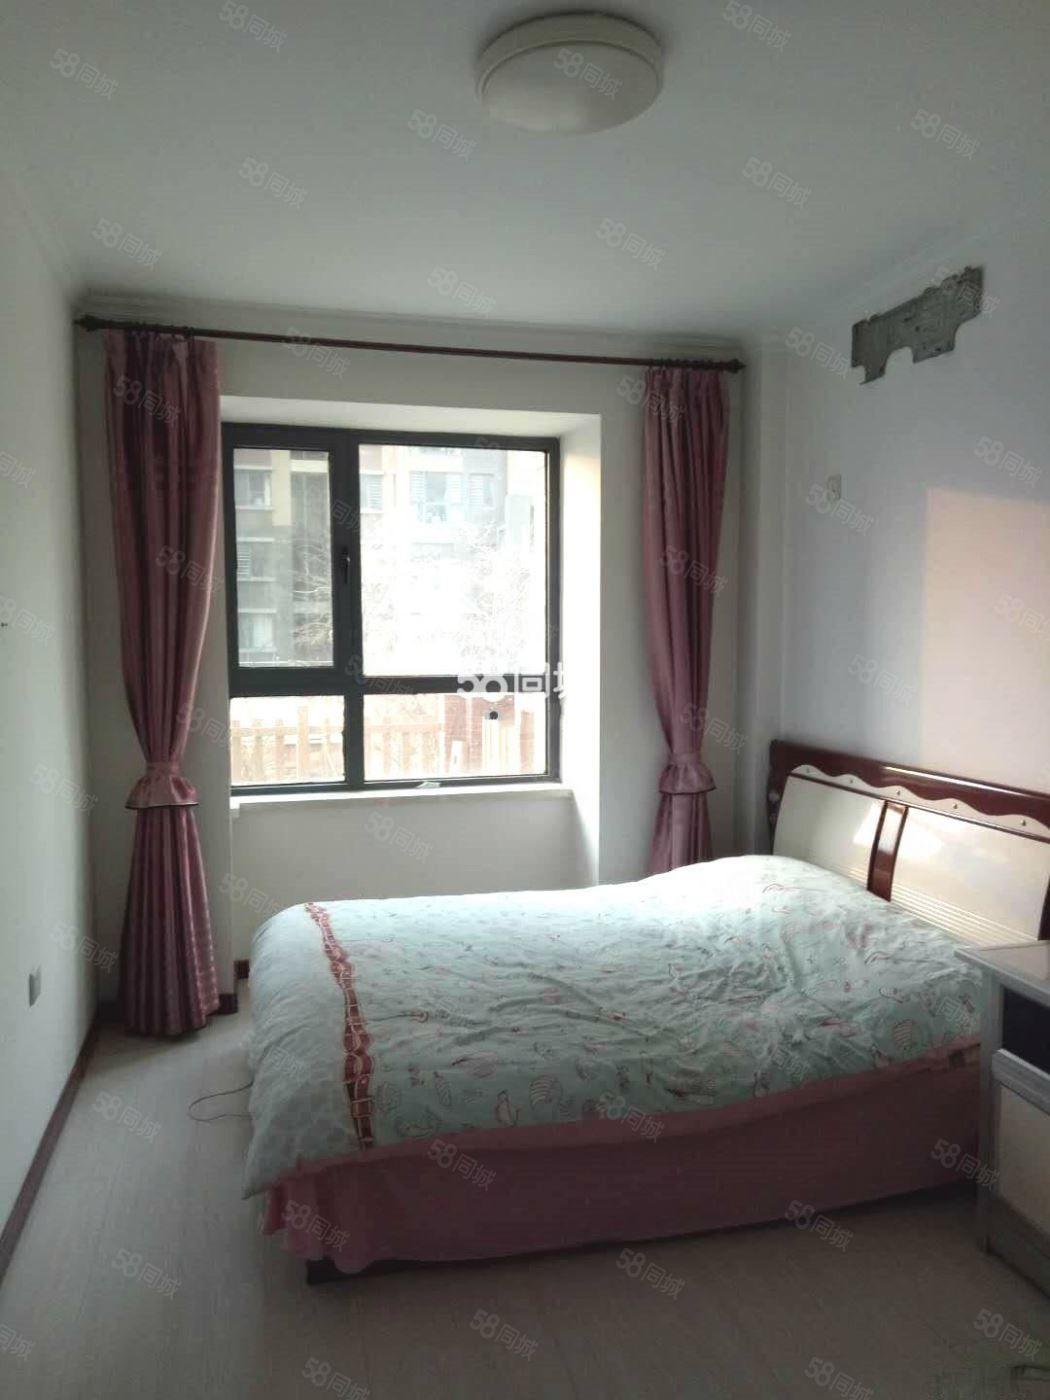 金域华城86平能租半年,多层1楼带小院,包取暖物业